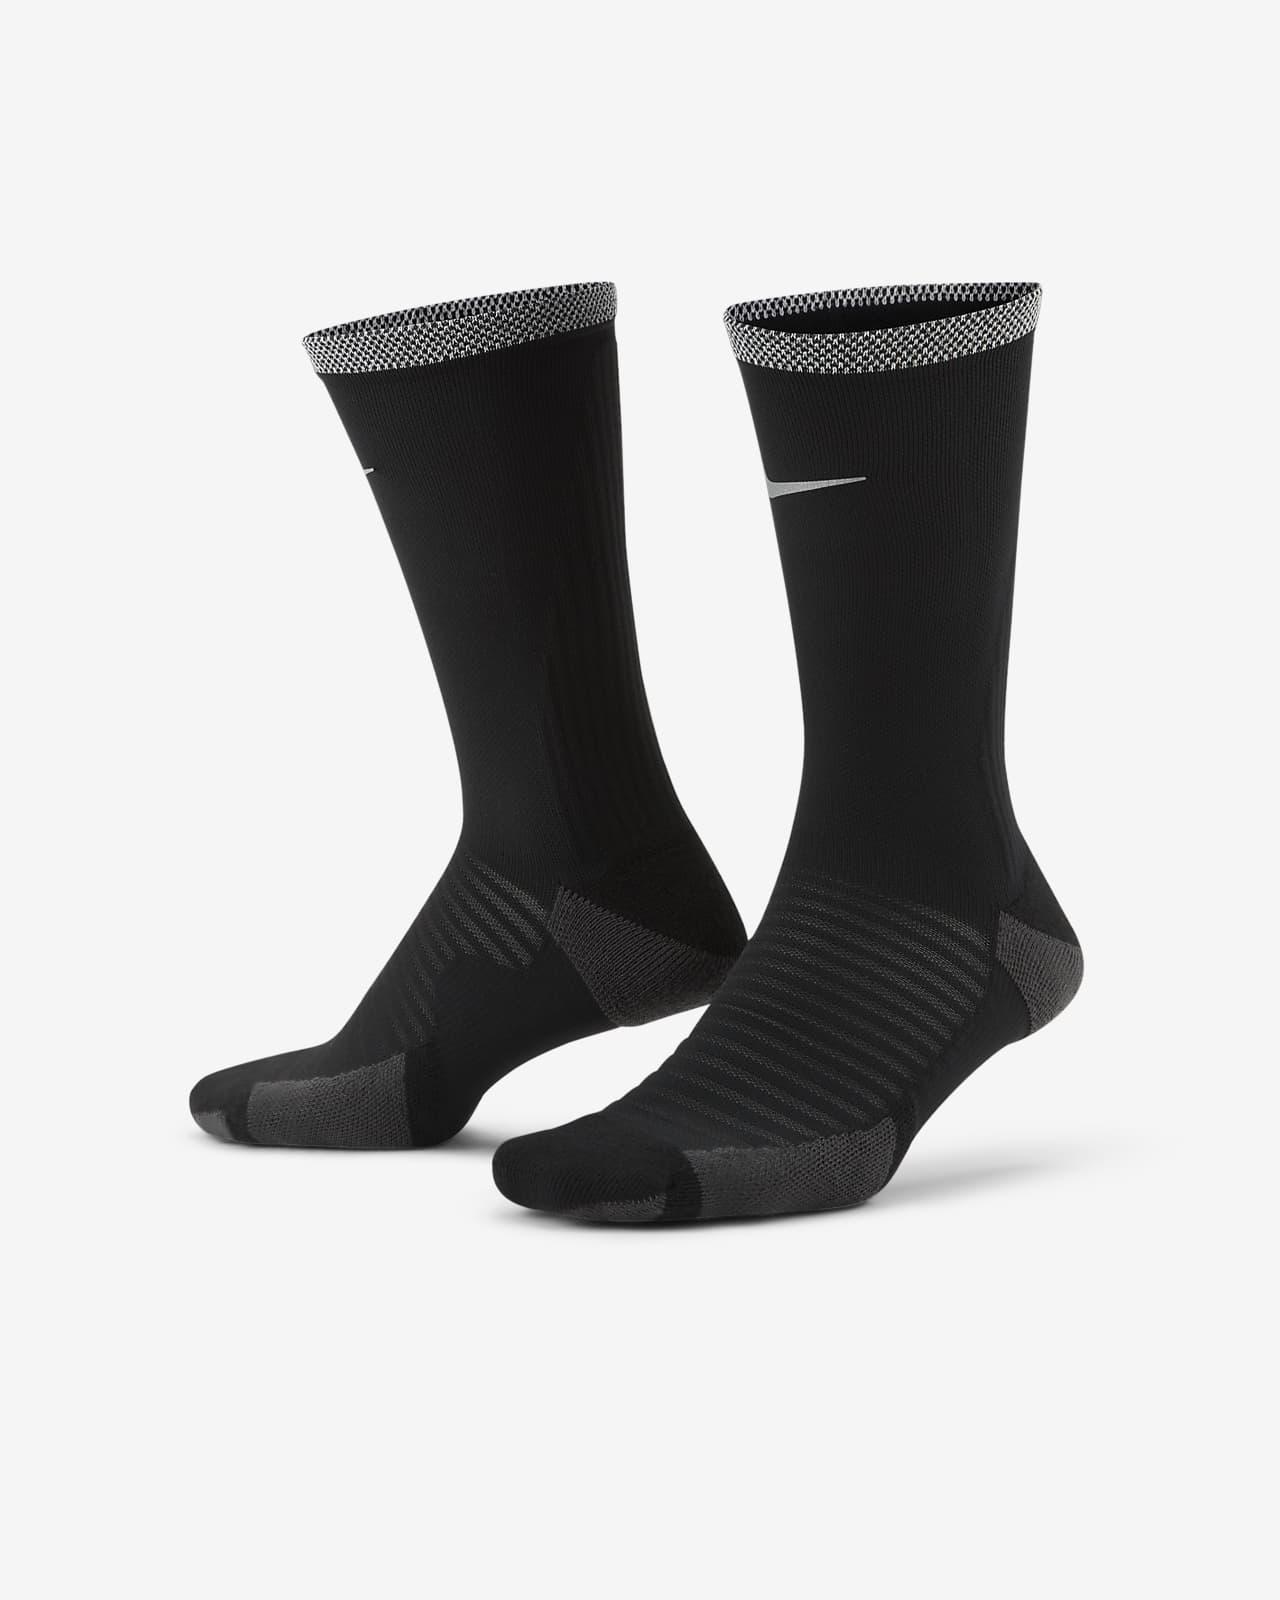 Calze da running ammortizzate Nike Spark di media lunghezza